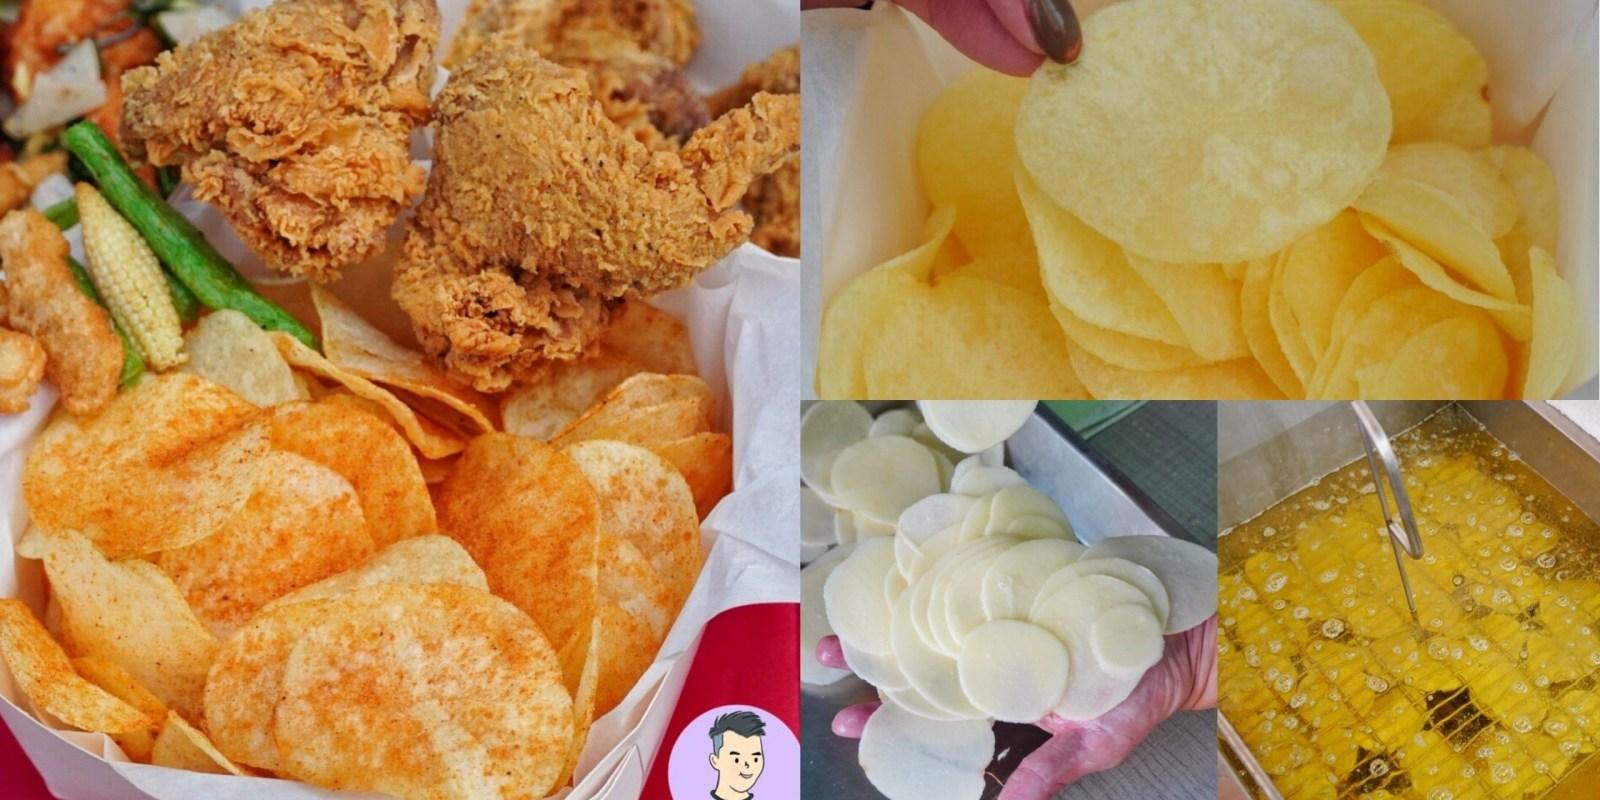 【台南美食】台南第一間馬鈴薯現切現炸洋芋片專賣「兔彼炸物 ToBe+」有九種口味!! 絕佳的酥脆口感蹦出薪滋味